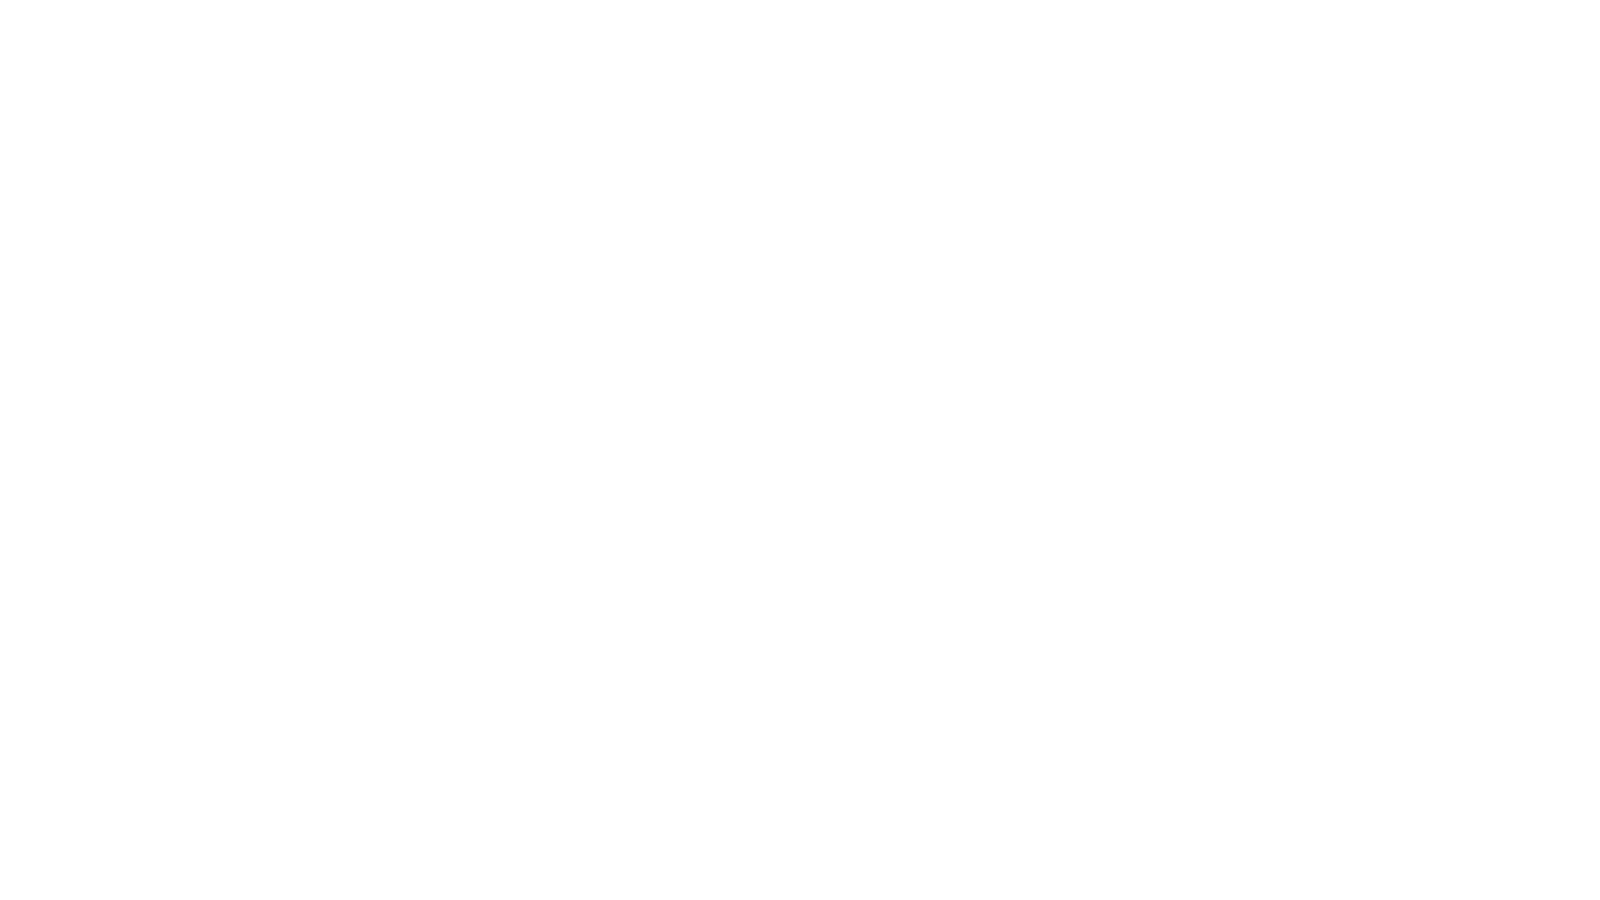 ✅ Ante la grave situación que se vive desde hace semanas en la Lof Quemquemtrew, se realizará una conferencia de prensa.  🕛 Sábado 23/10 12 horas  👉 Soraya Maicoño (Vocera de la Lof) 👉 Nora Cortiñas/Mirta Baravalle y Elia Espen (Madres de Plaza de Mayo LF) 👉 Adolfo Pérez Esquivel (Serpaj) 👉 Pablo Pimentel (APDH La Matanza) 👉 Mauro Millán (Lonko Lof Pillan Mahuiza)